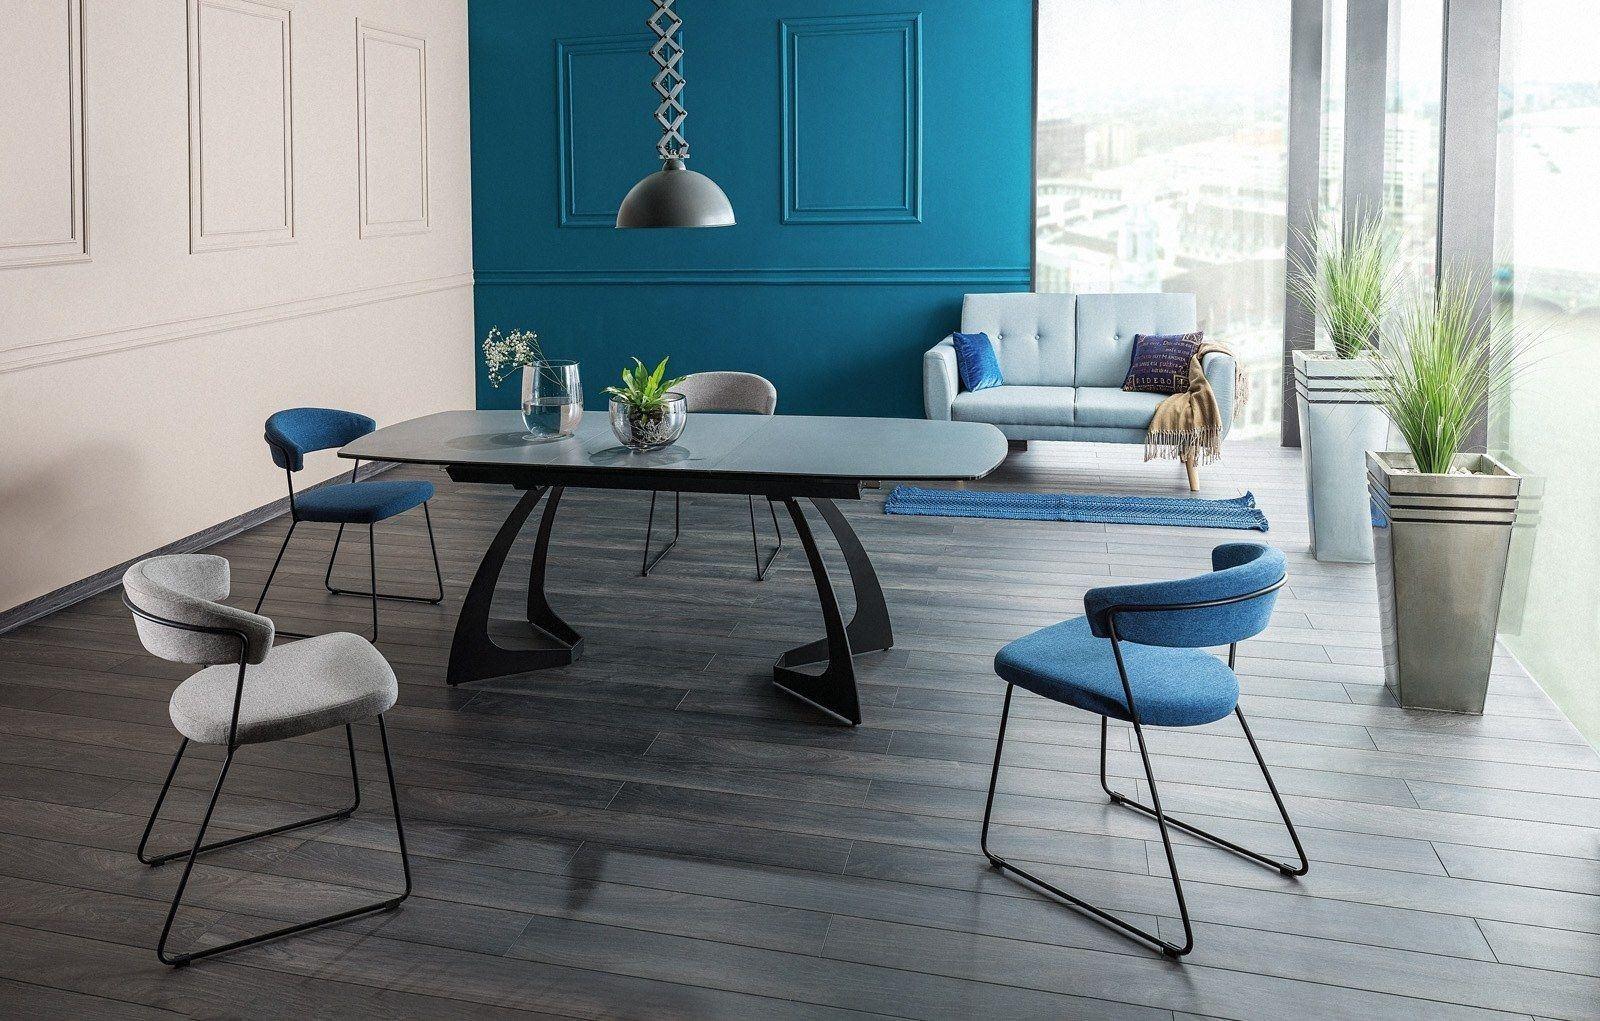 esstisch martinez keramik modern esstische esszimmer. Black Bedroom Furniture Sets. Home Design Ideas